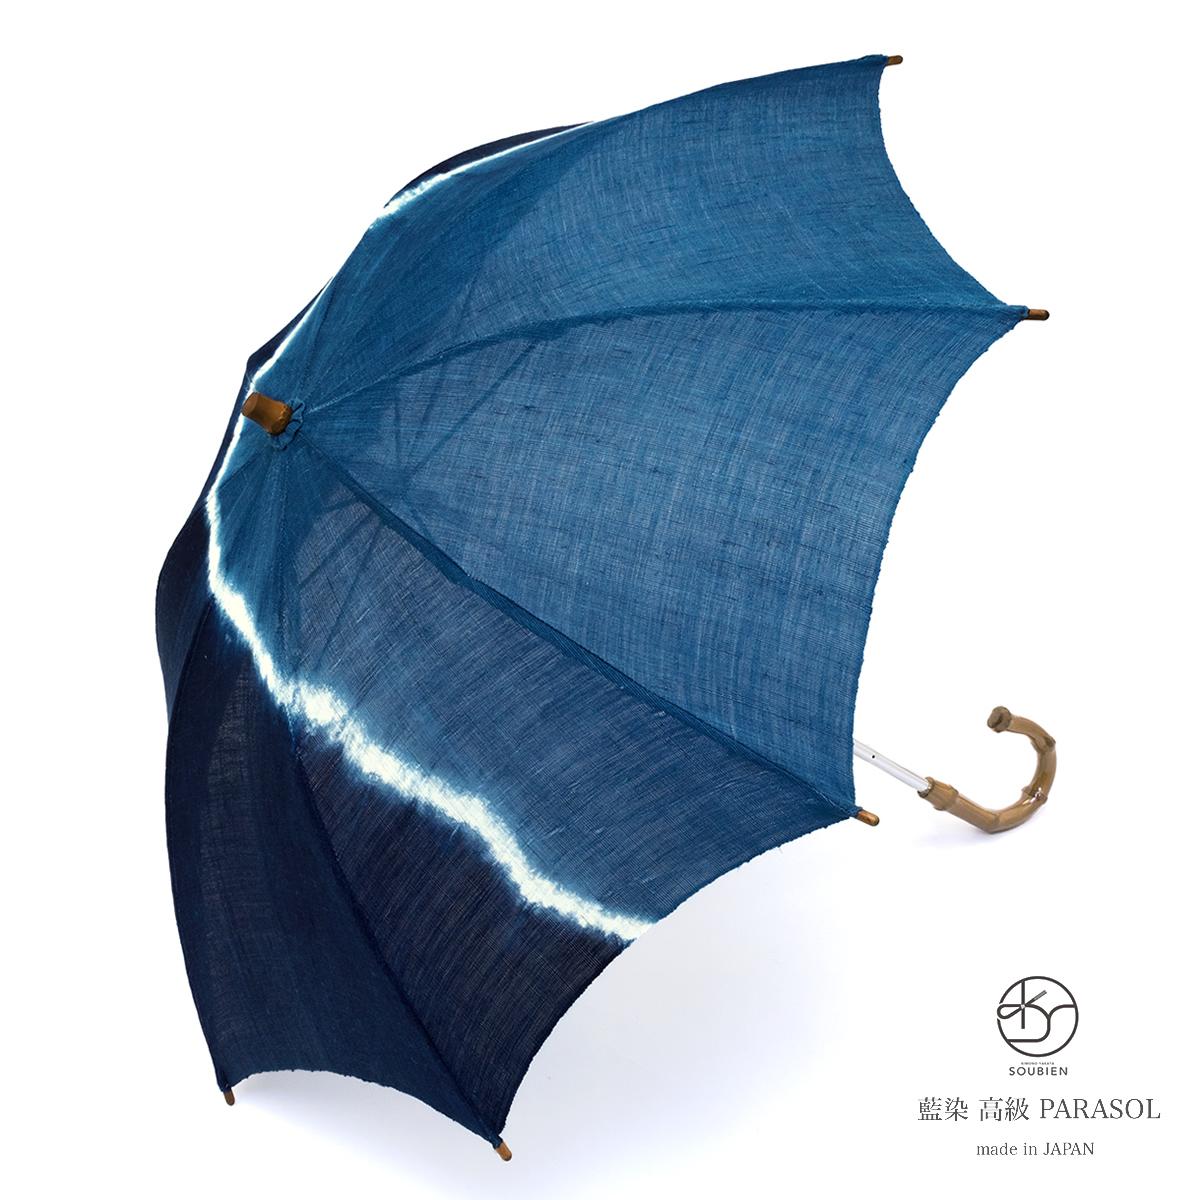 日傘 青 ブルー 藍 ネイビー よろけ縞 藍染 引染 麻 ひがさ 和装小物 便利小物 日本製【あす楽対応】【送料無料】